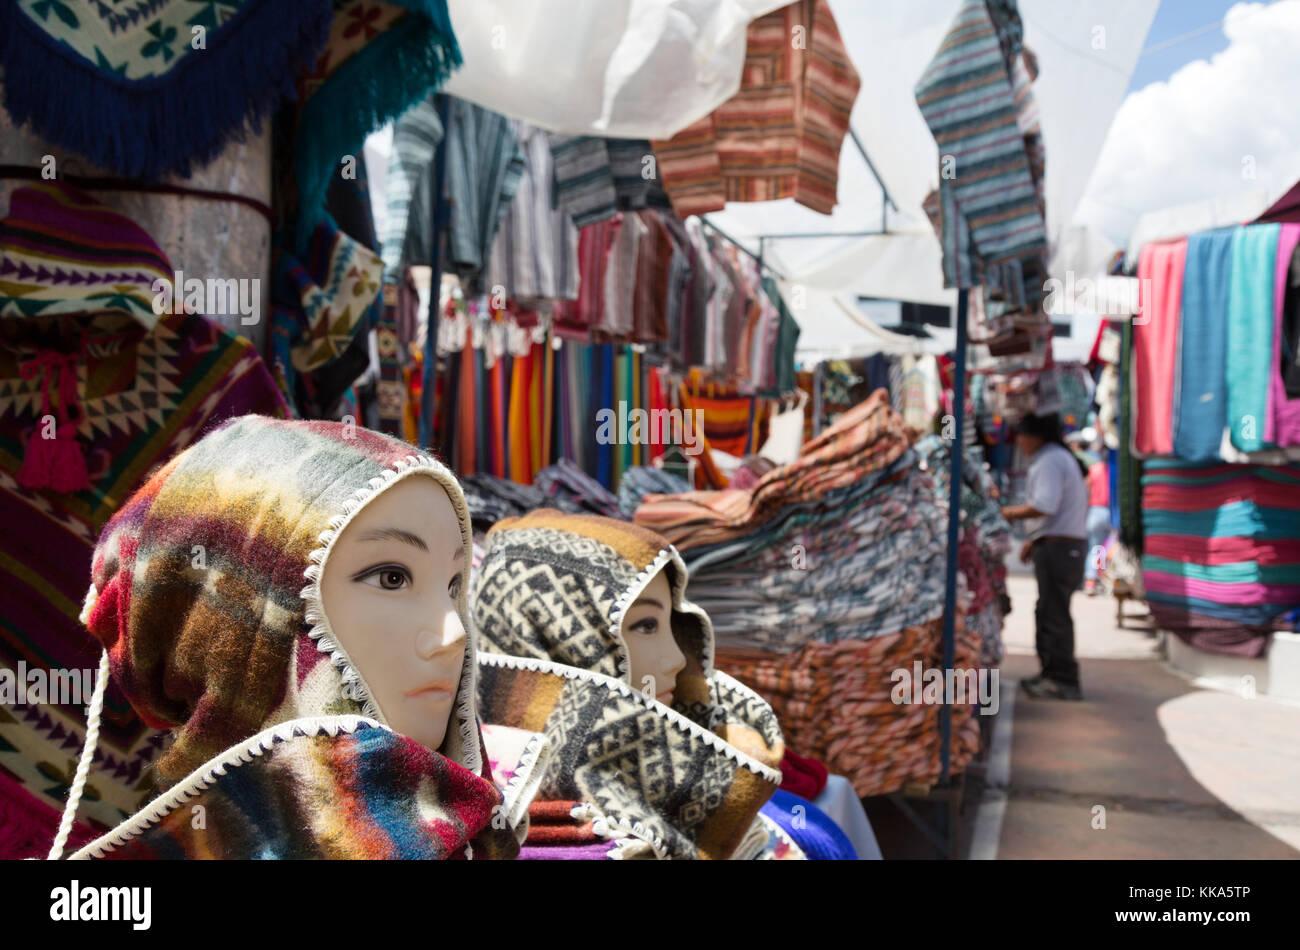 Mercato di Otavalo Ecuador, tessuti colorati in vendita in un mercato in stallo, Mercato di Otavalo, northern Ecuador, Immagini Stock